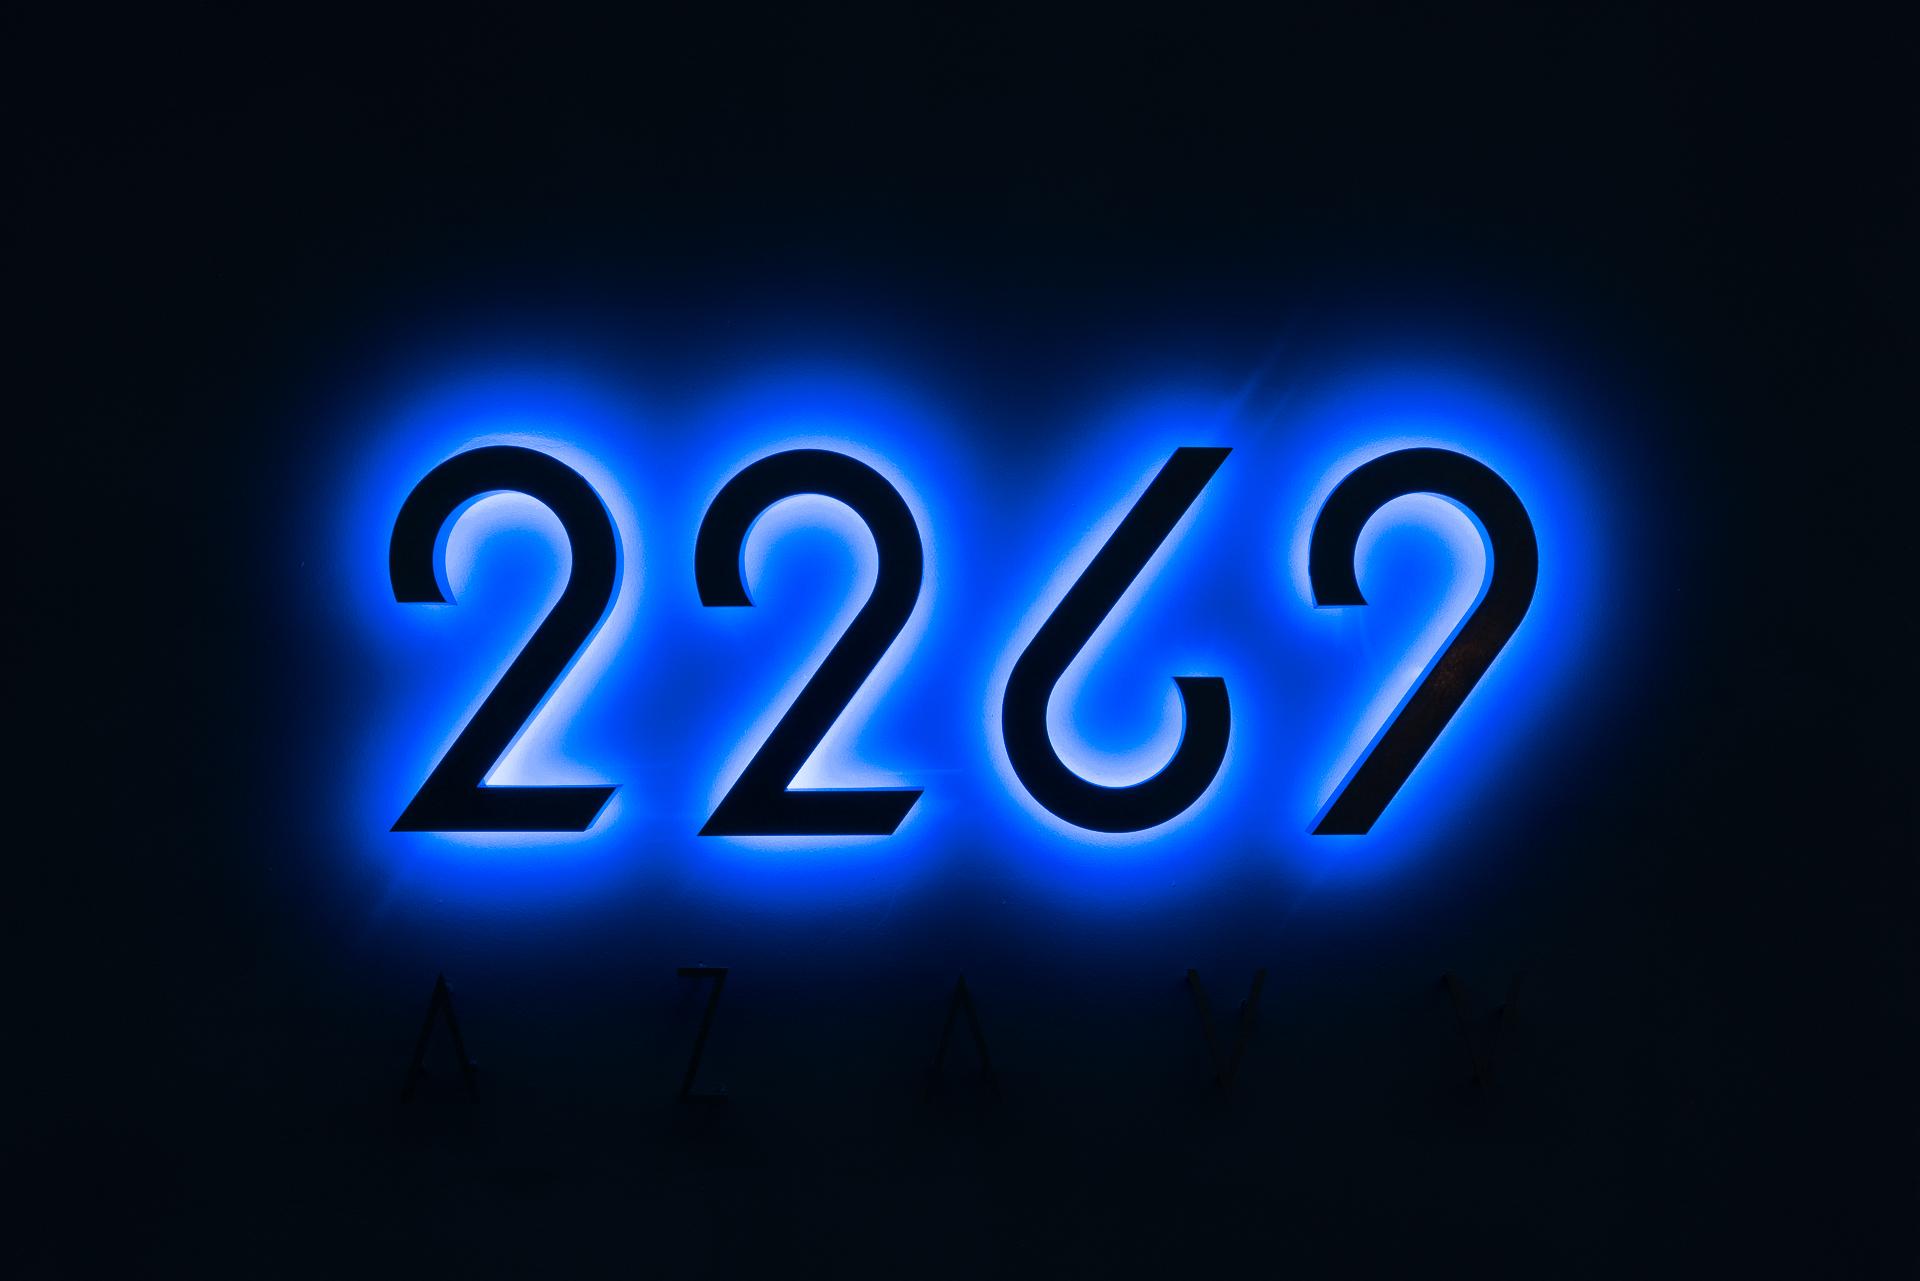 ACCOMMODATION 2269 AZAVU